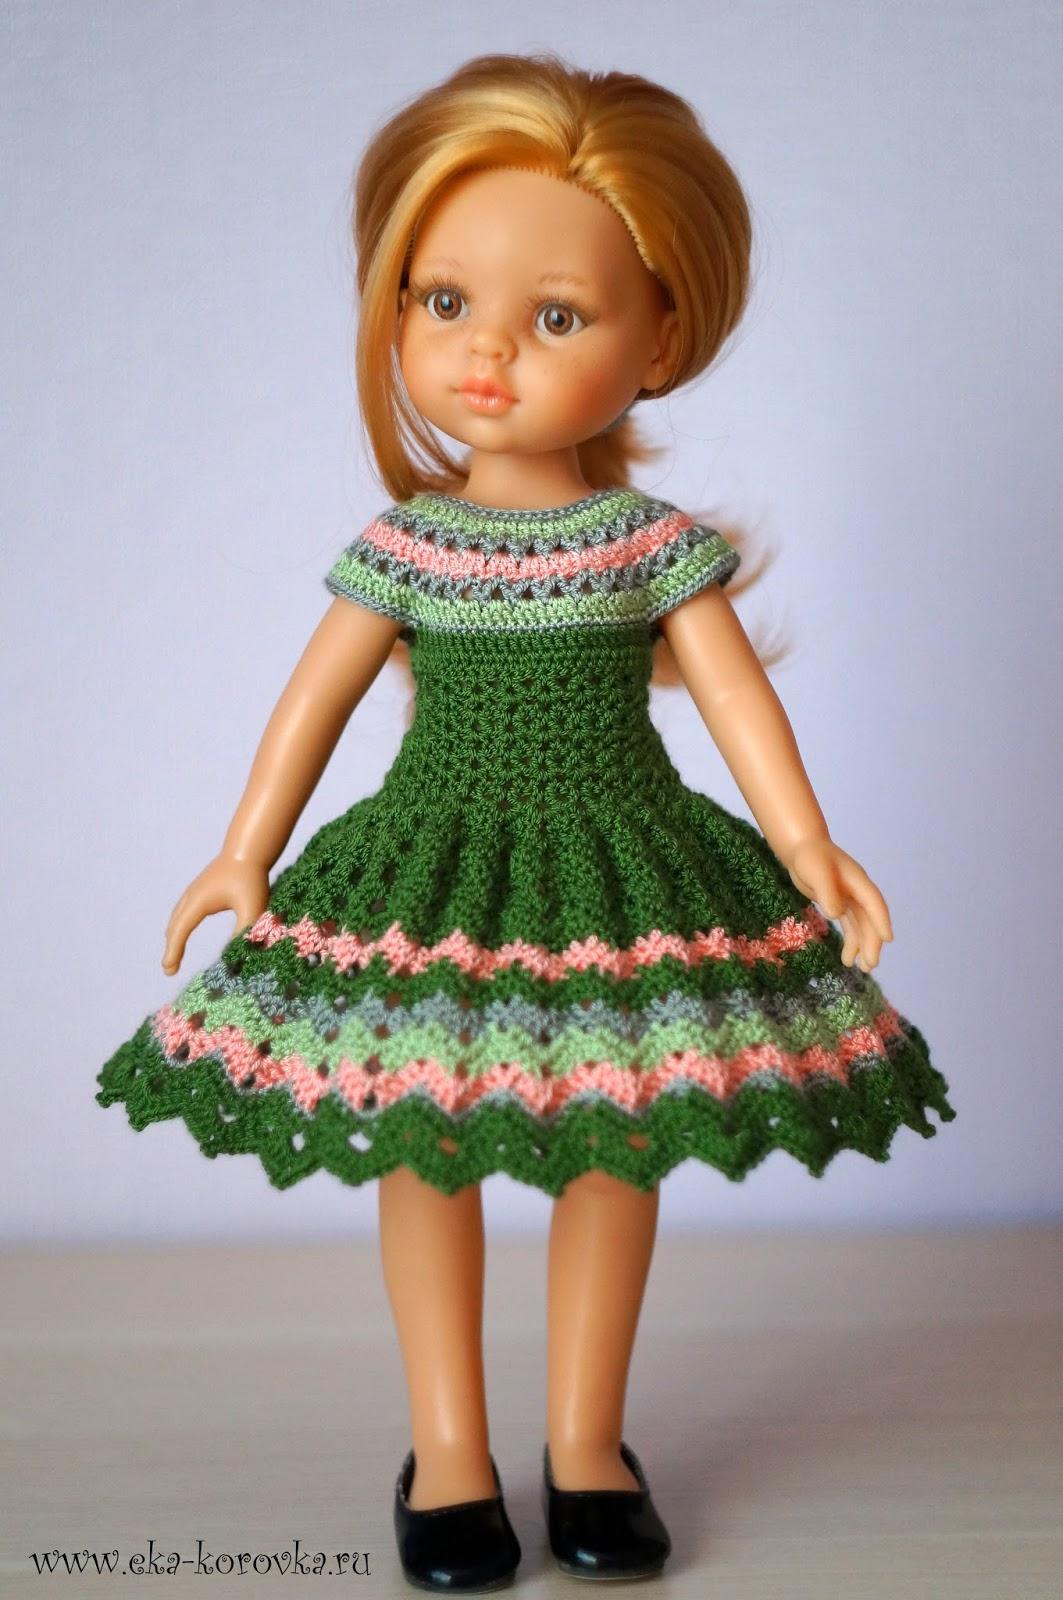 Вязание на куклу простое